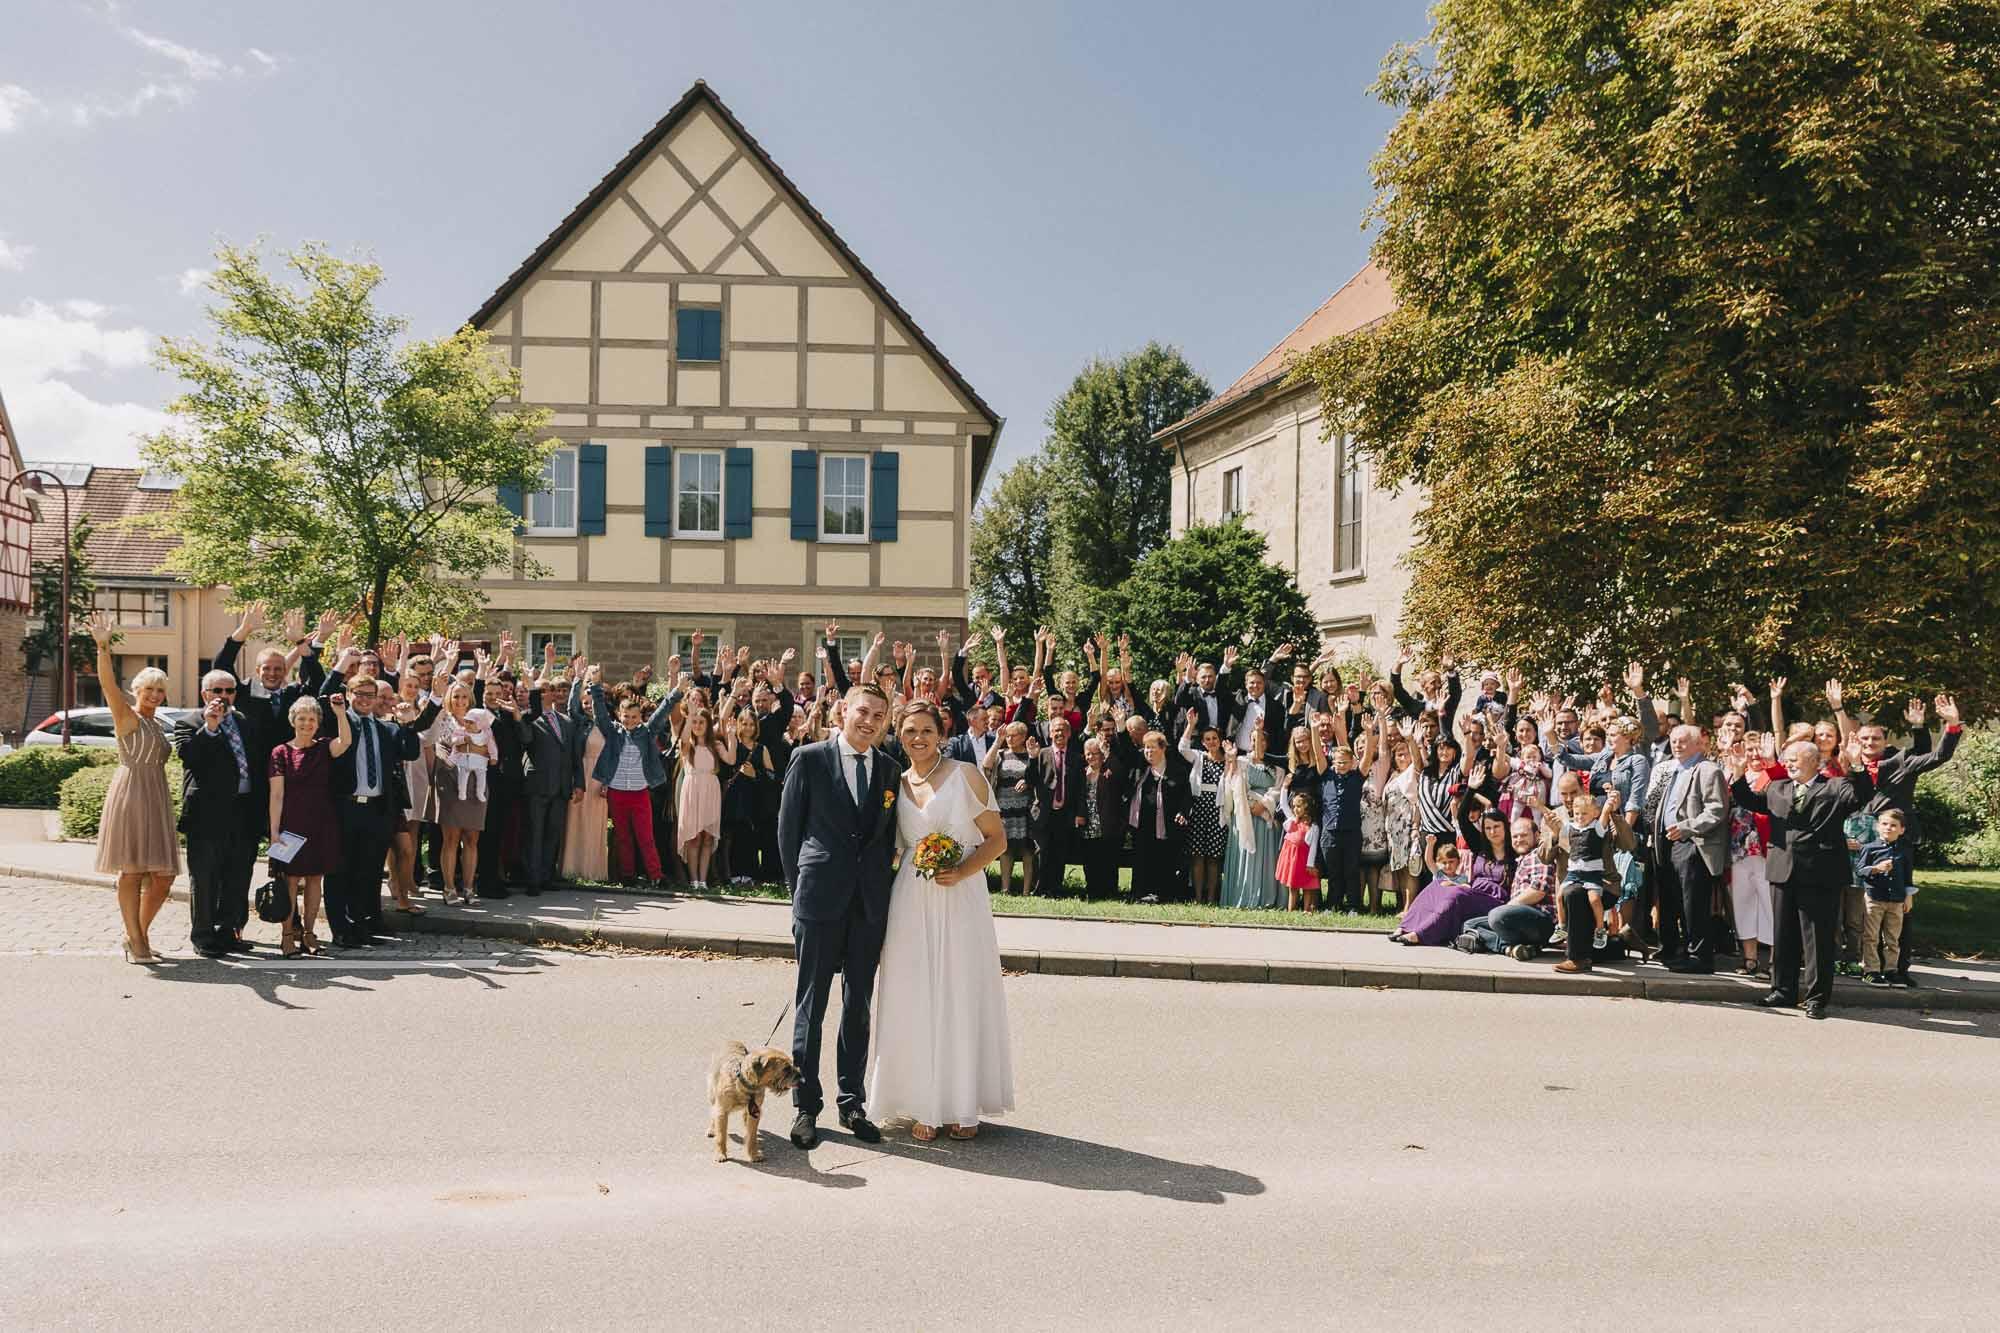 Hochzeitsreportage-Crailsheim-Krystina-Stefan-54